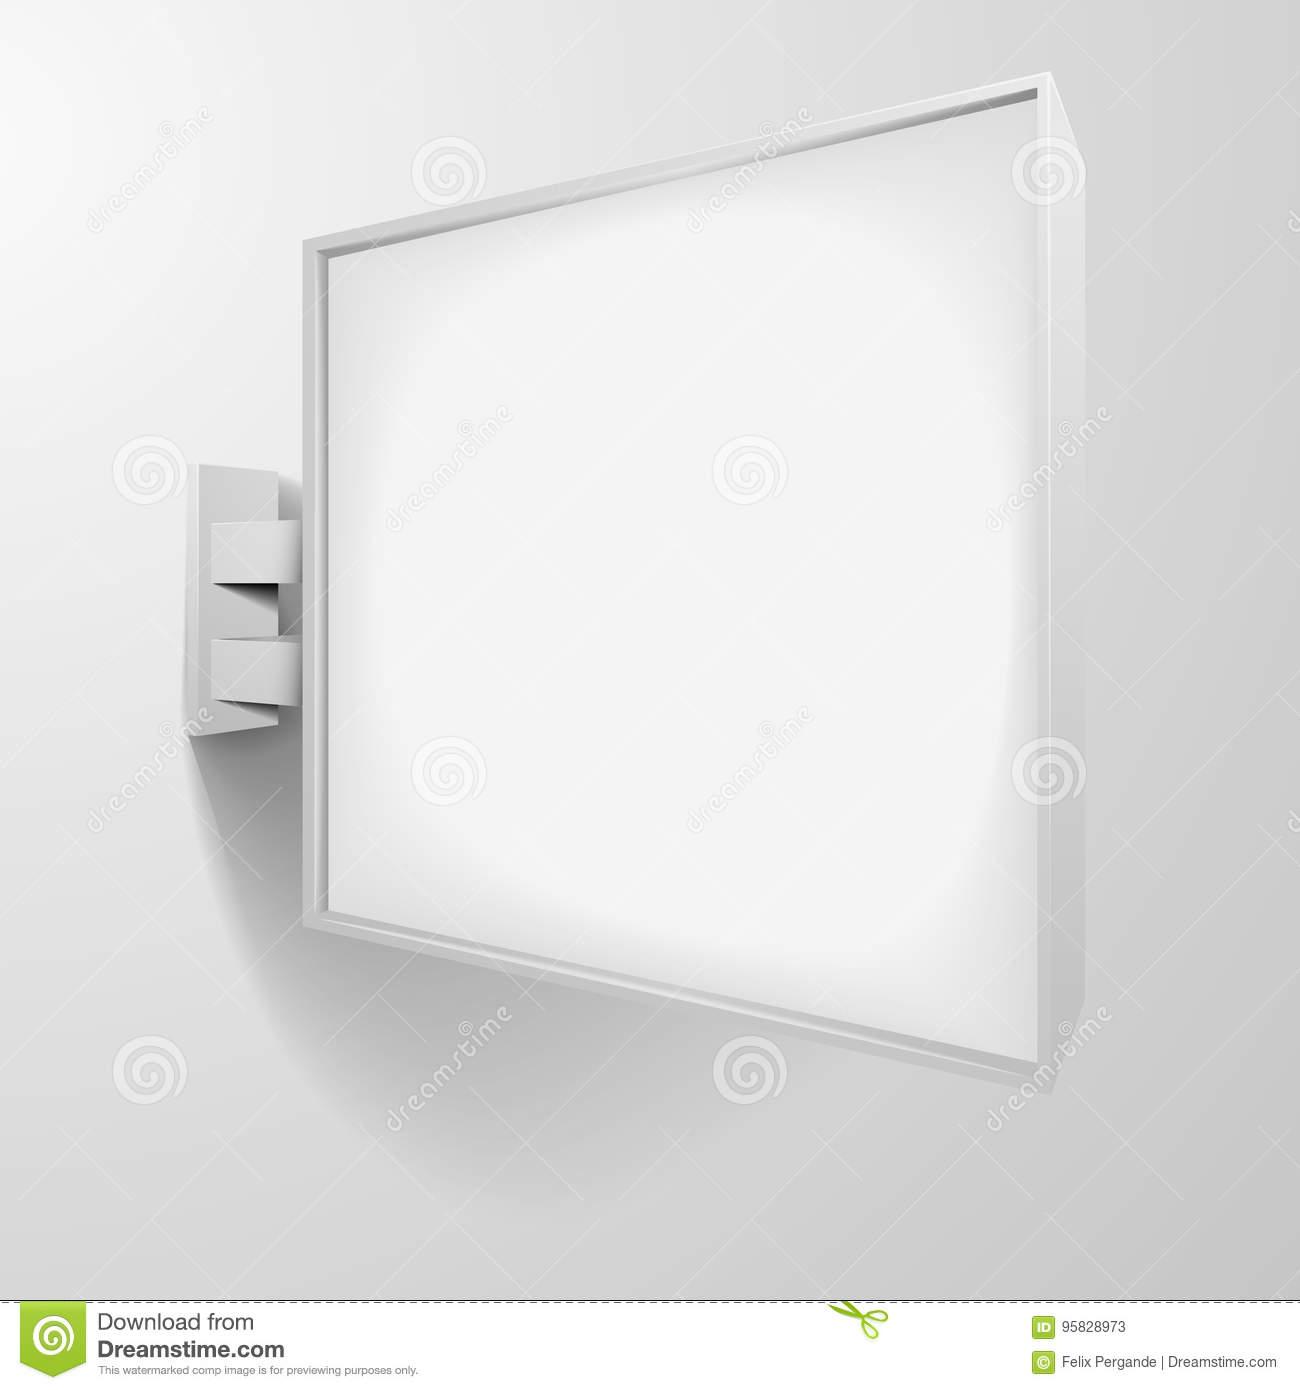 topo_white-square-signage-detailed-illustration-empty-shop-shape-95828973